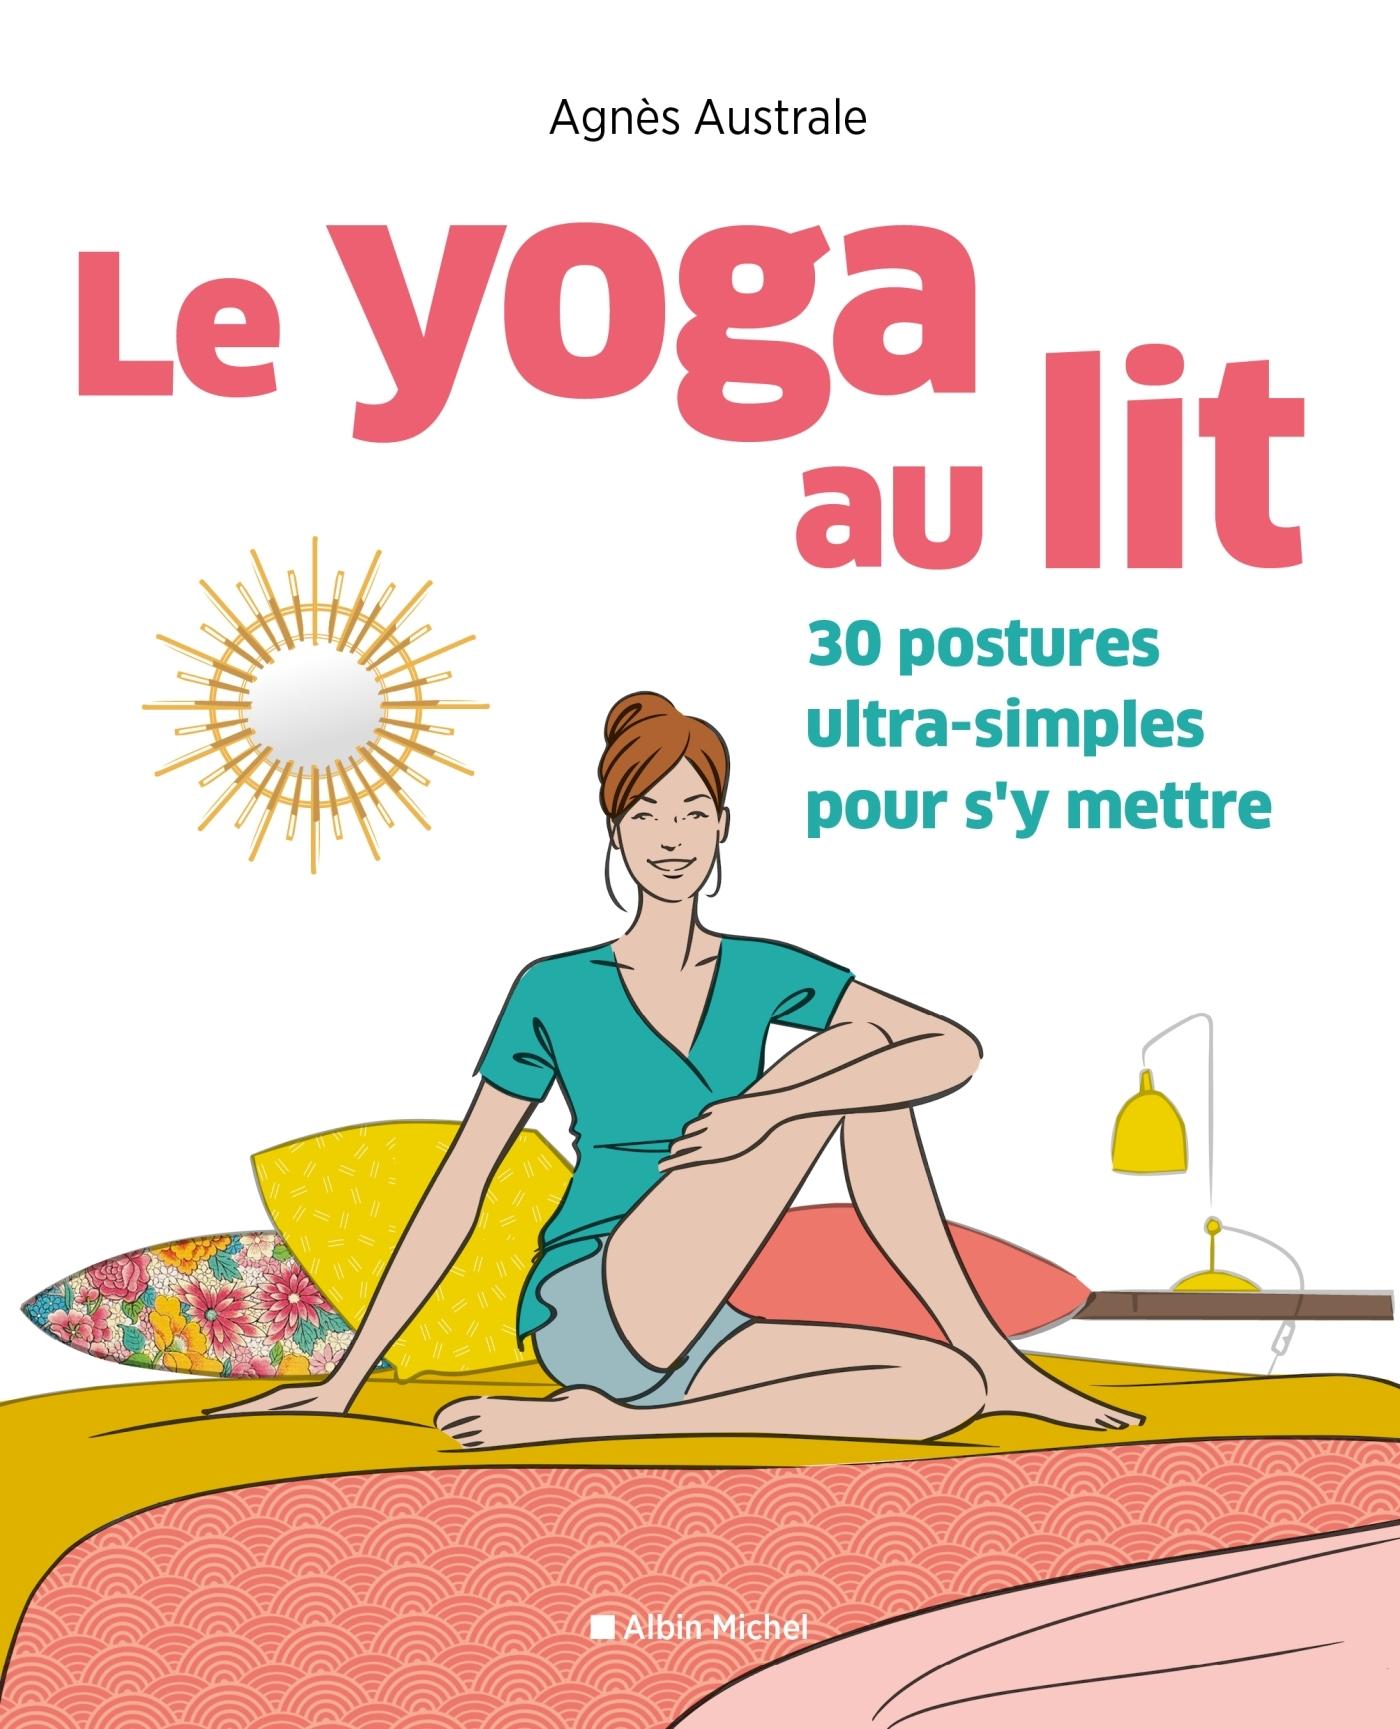 LE YOGA AU LIT - 30 POSTURES ULTRA-SIMPLES POUR S'Y METTRE